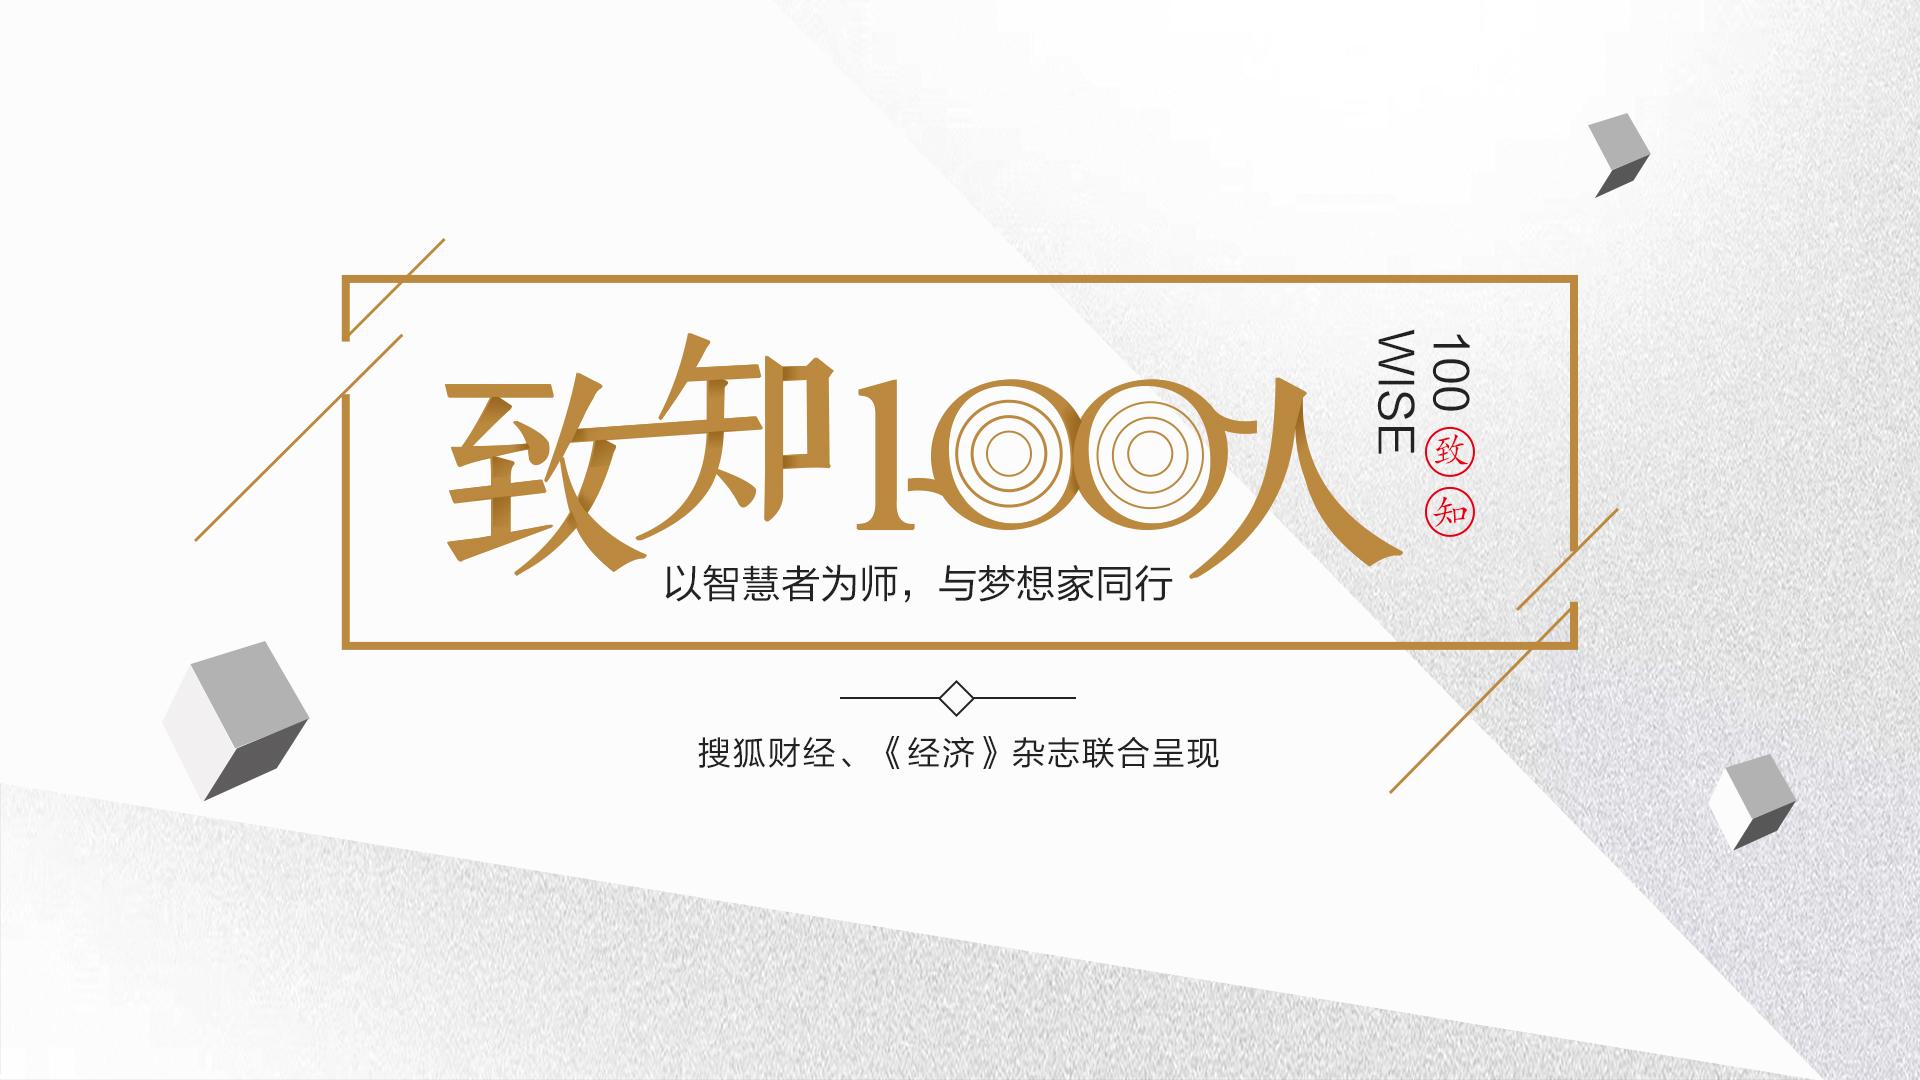 """江南春:疫情改变不了市场消费规模,头部企业将发力扩张 """"致知100人""""61期"""